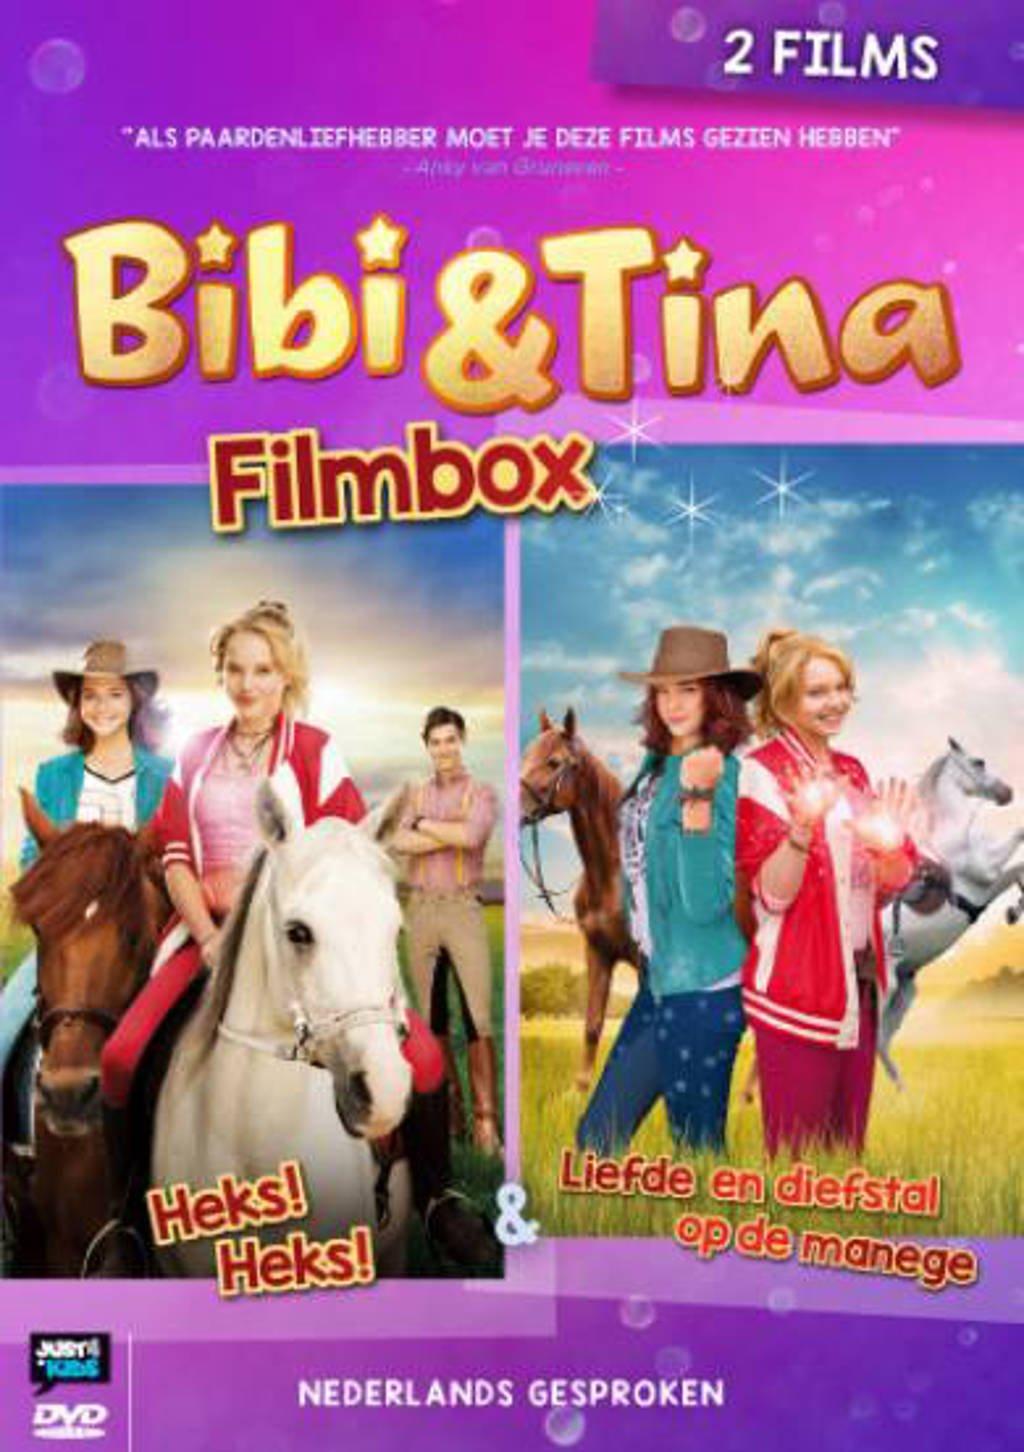 Bibi & Tina - Heks! Heks! & Liefde en diefstal op de manege (DVD)